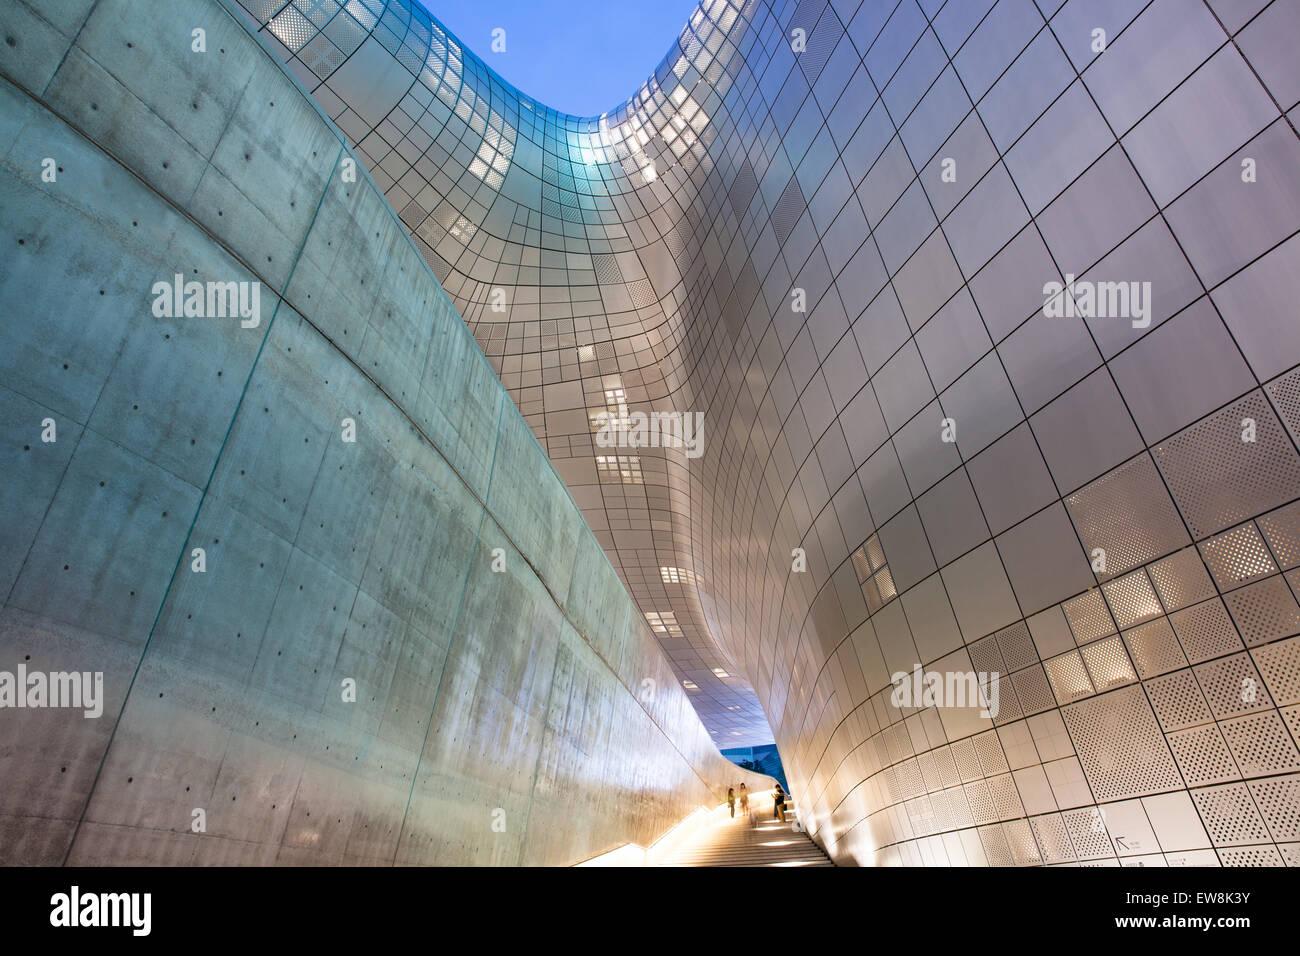 Séoul, République de Corée - 15 août 2014: l'architecture moderne de l'hôtel Photo Stock